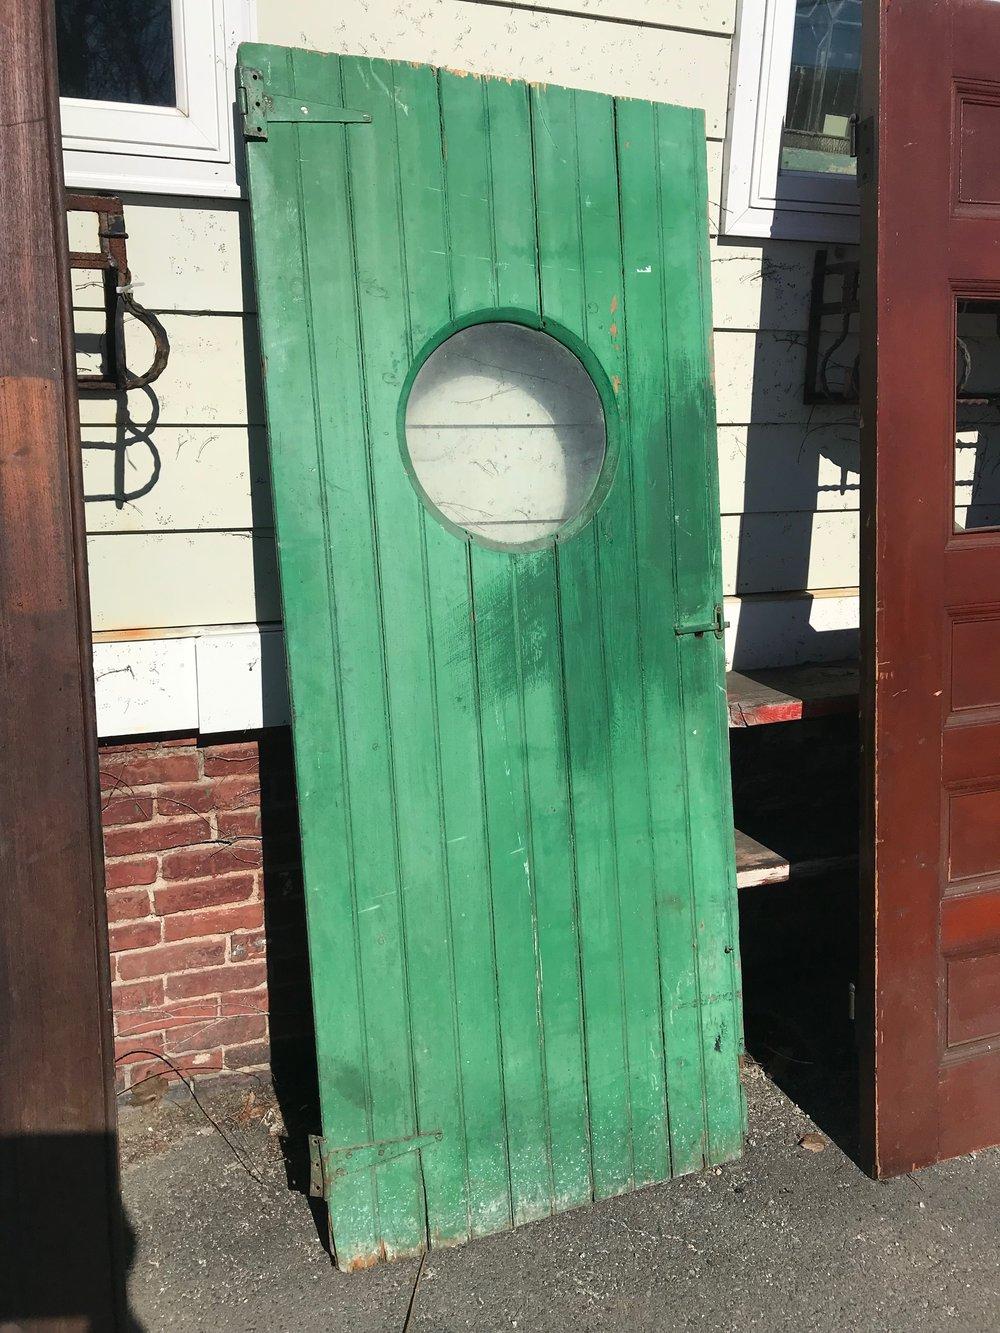 Antique bead board door with round window.